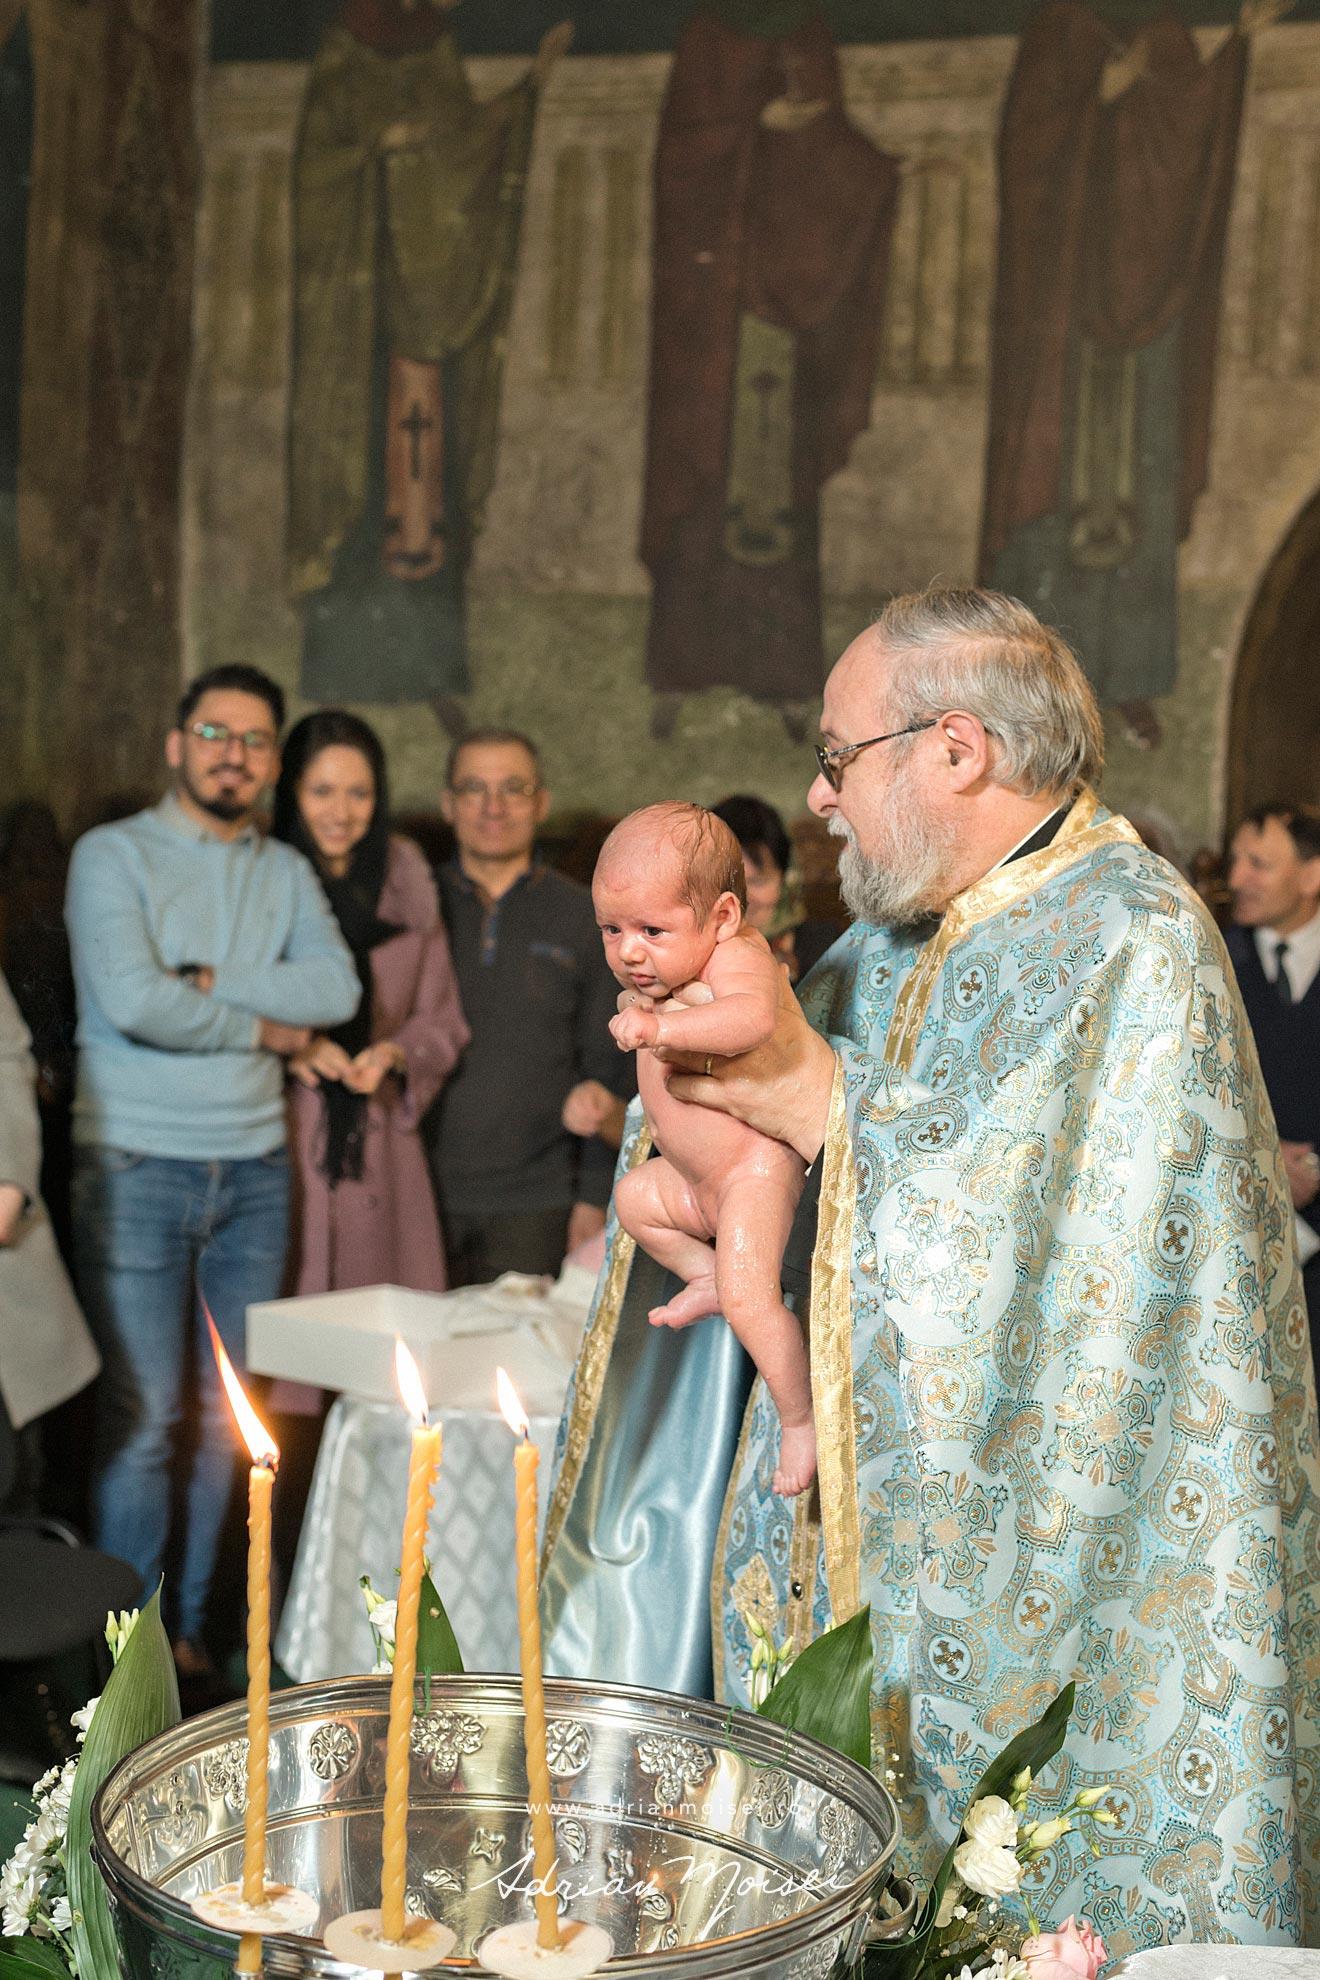 Botez in culorile fericirii, in Iași la biserica Sfântul Ioan Zlataust, fotograf de botez Iasi, fotograf Iasi Adrian Moisei